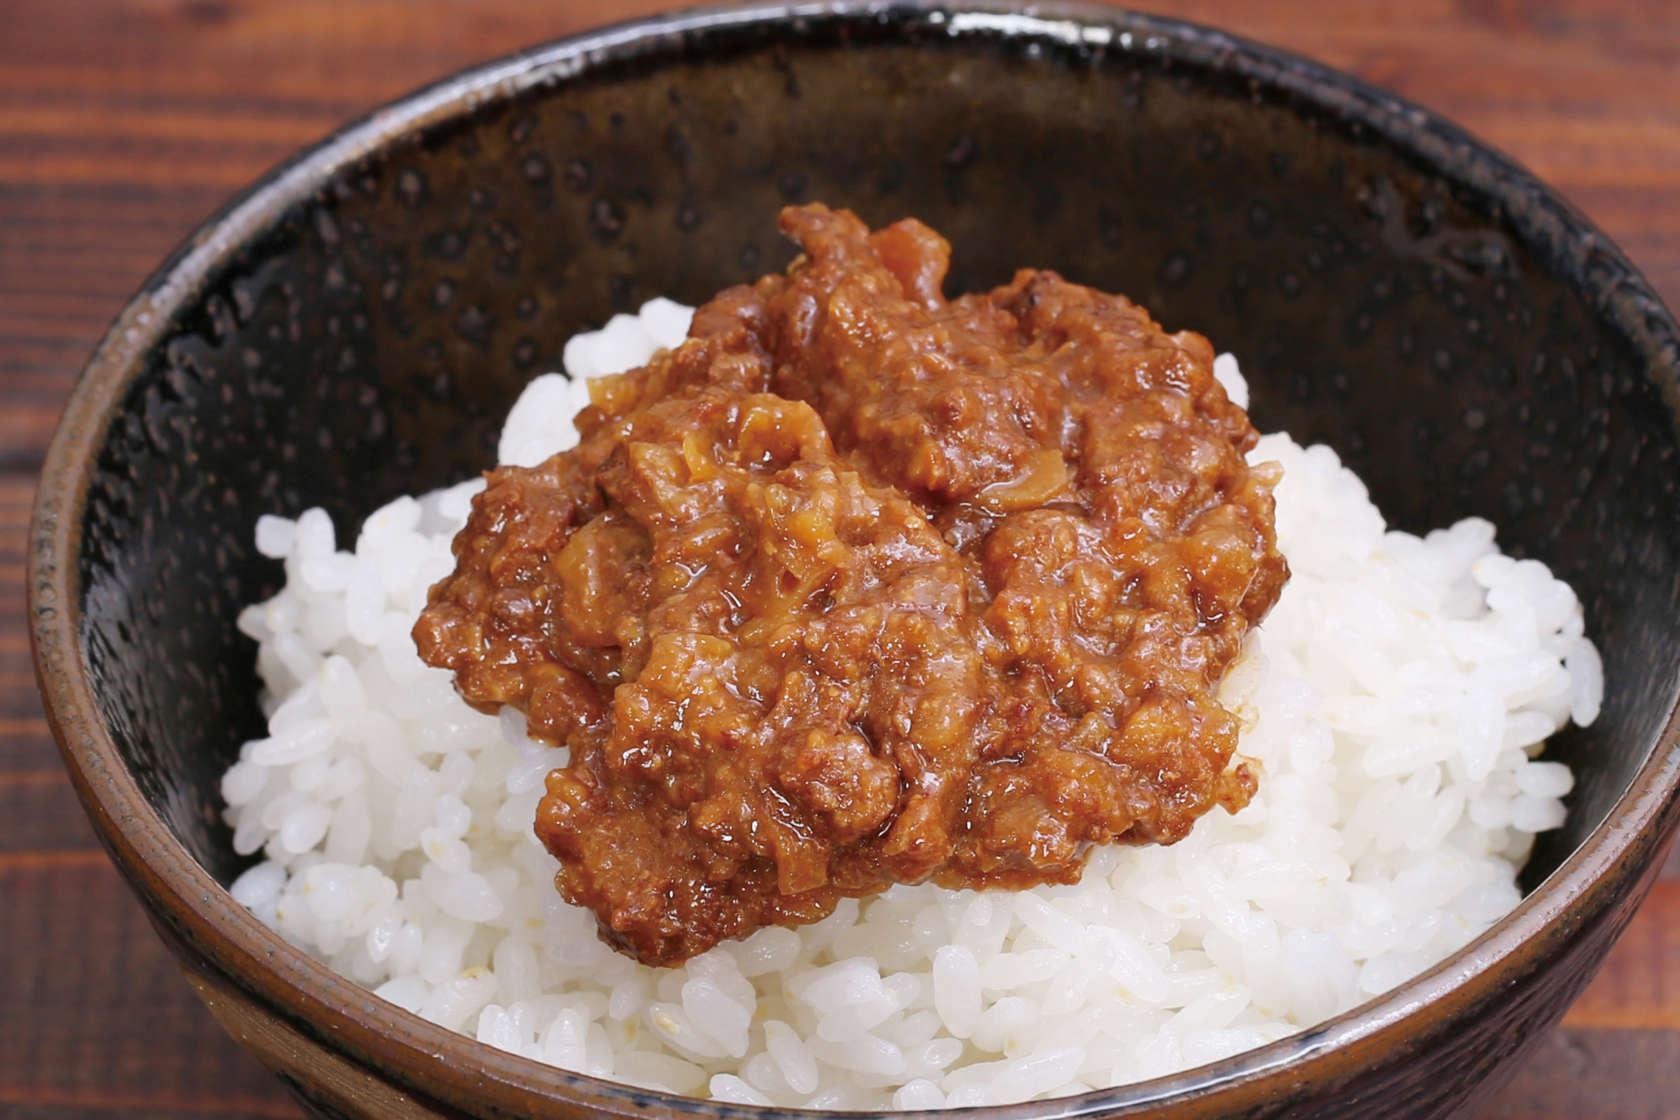 米ヶ岡鶏でつくった鶏味噌